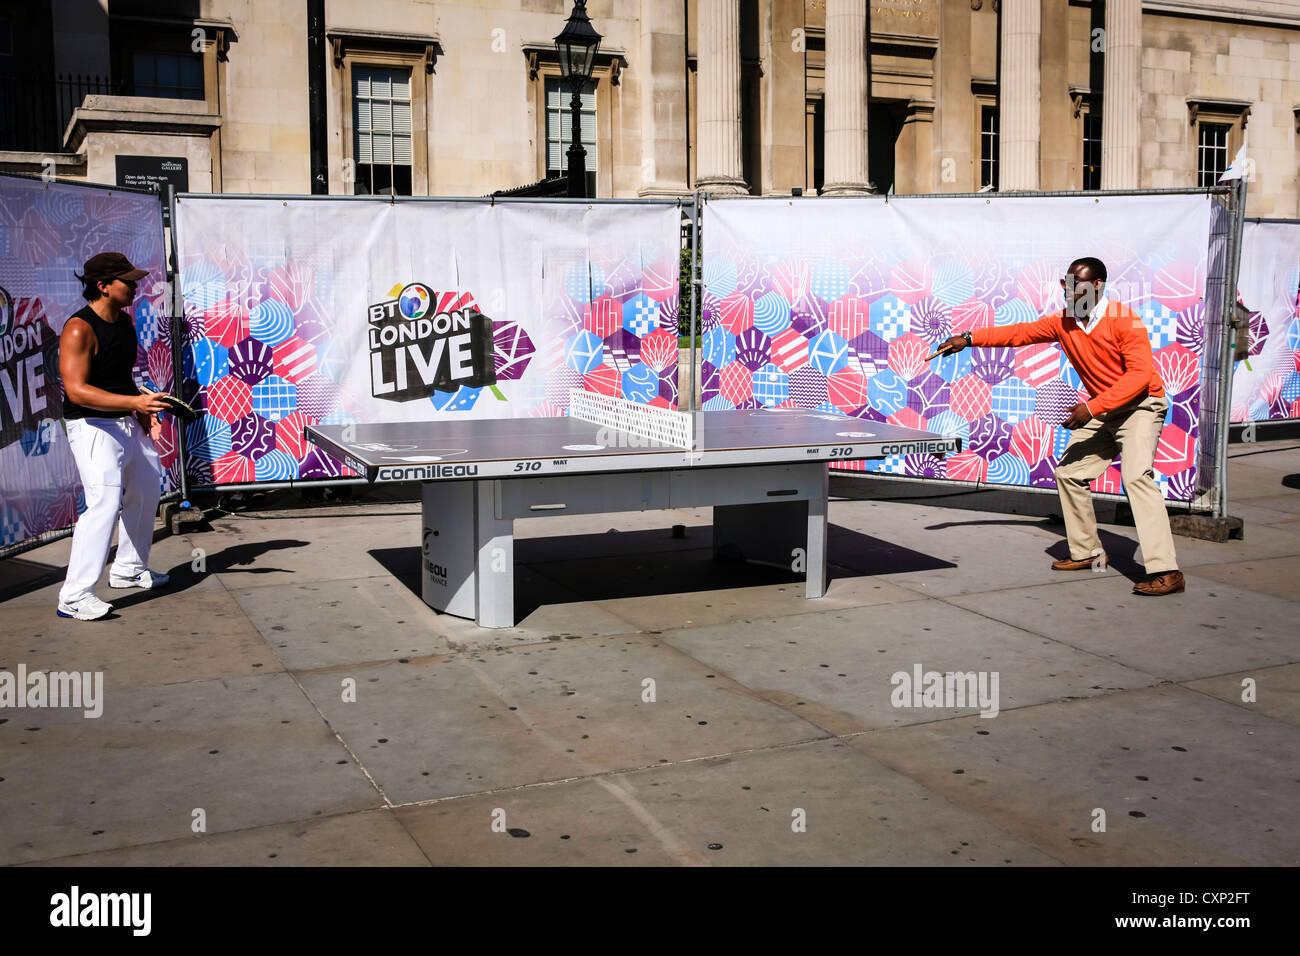 Persone giocare all'aperto Ping Pong in Londra Immagini Stock